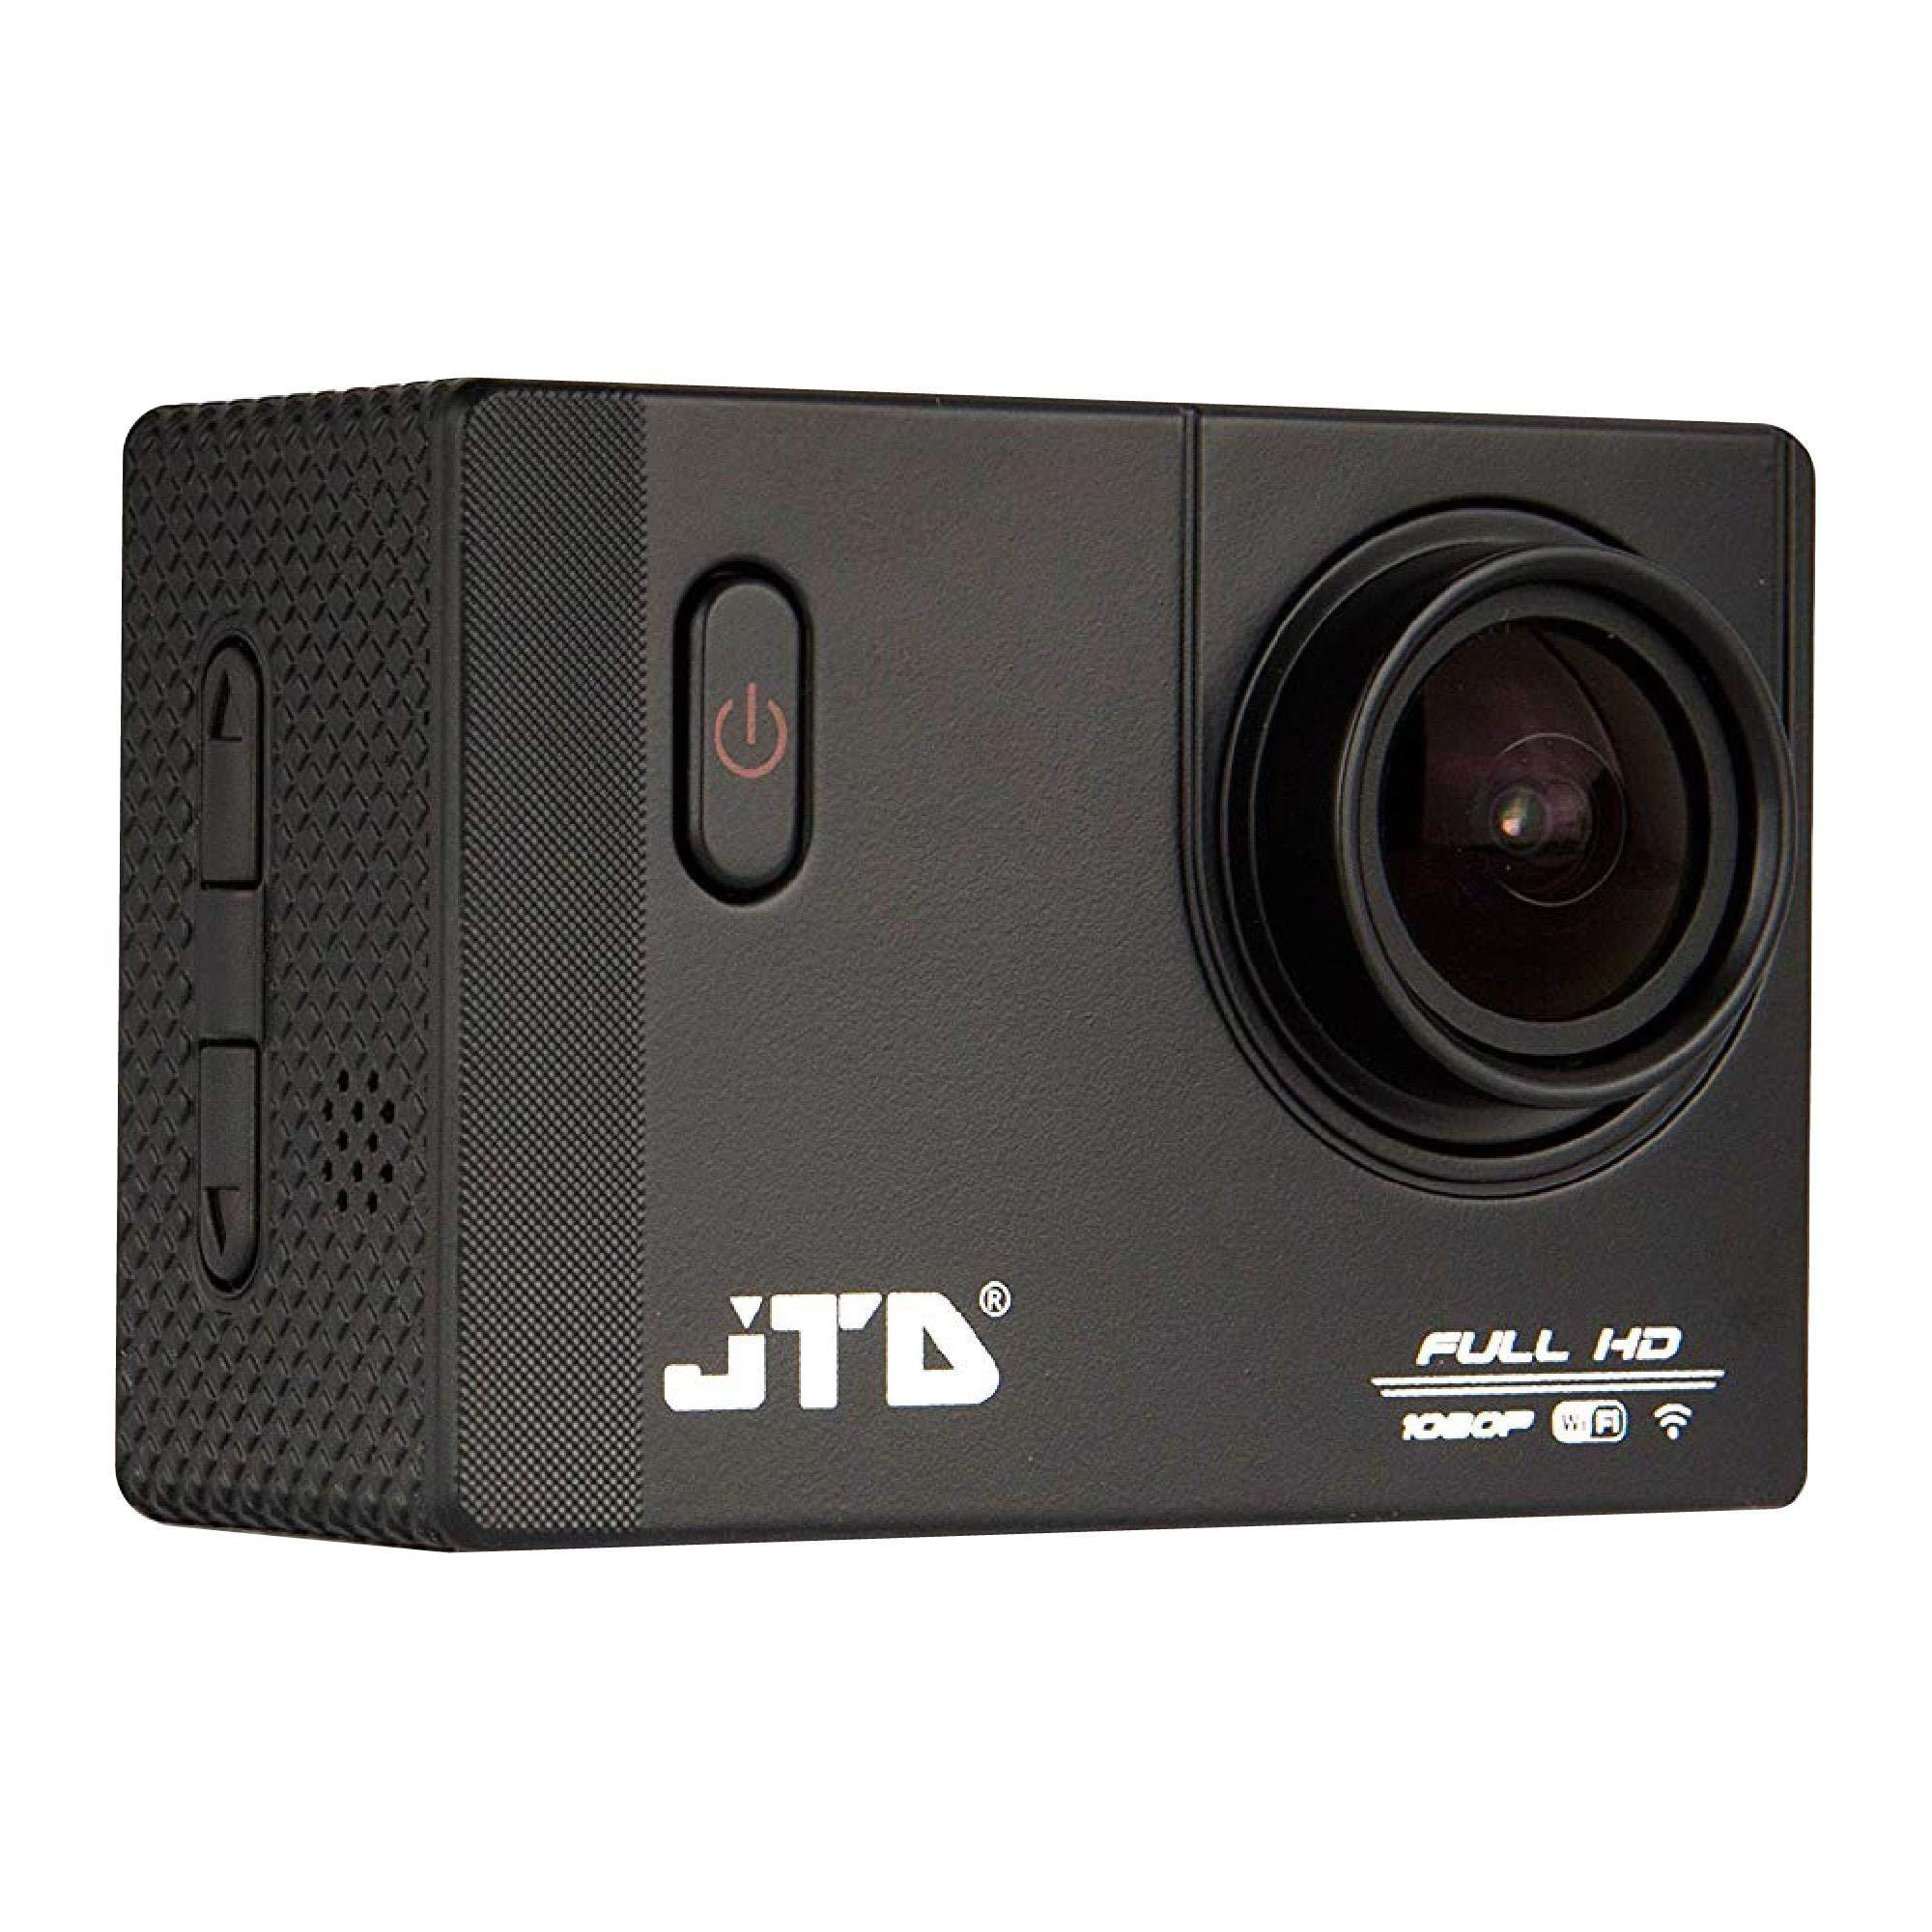 / 4インチカメラインタフェース、ブラック380360写真/ Videostativ DV-1580ブラックを含むパケットカメラ12MPのJTD J-EXP 2.0高度なモーションDV動作1080自転車オートバイ屋外スイミングダイビング(ブラック)に適した170度の角度アンチグレアコーティングレンズモーションカメラ防水カメラDVカメラ